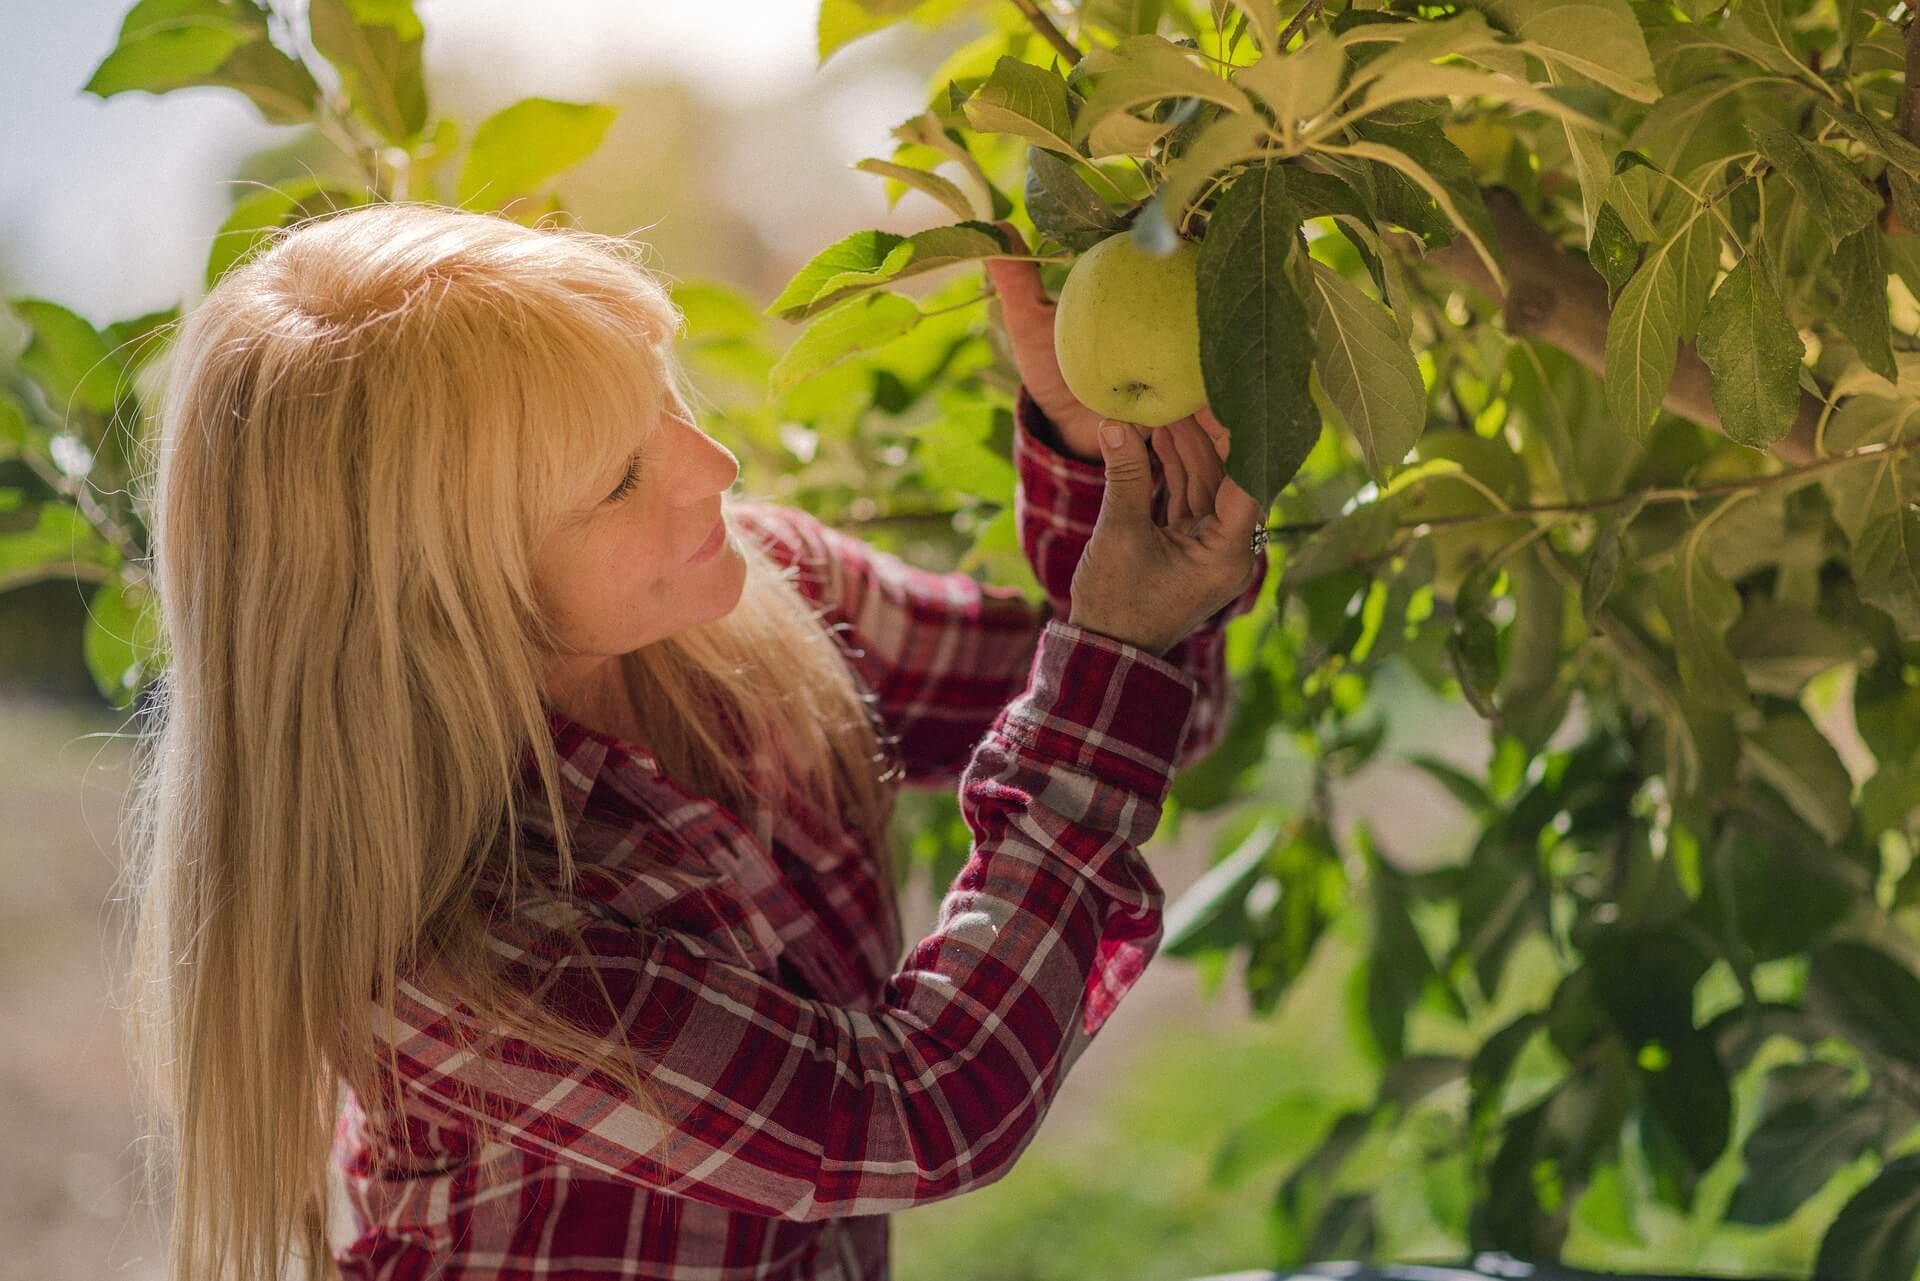 Dojrzała kobieta zrywająca jabłko